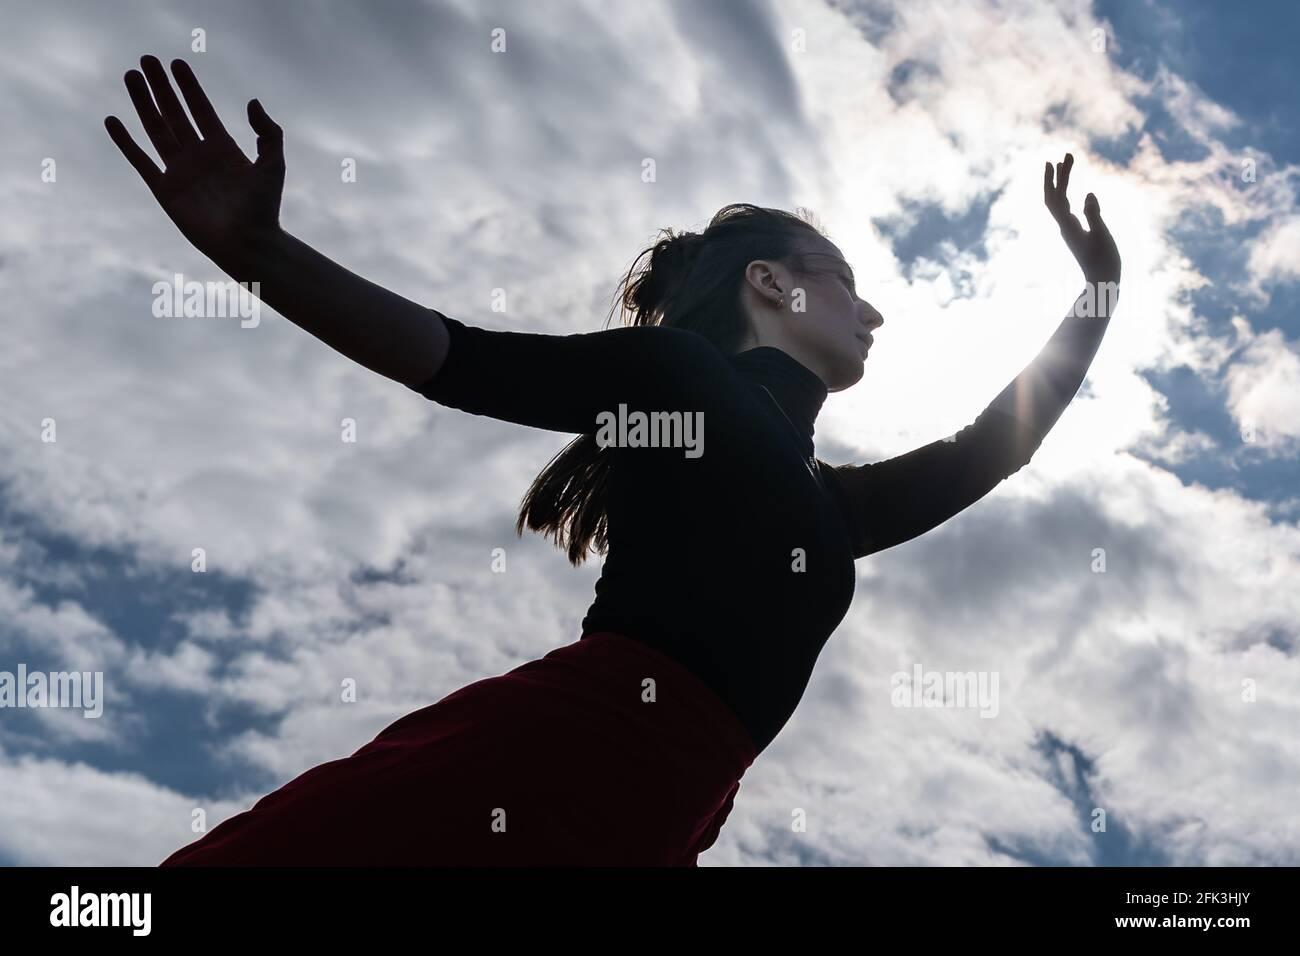 Londres, Royaume-Uni. 28 avril 2021. Journée internationale de la danse : les danseurs de Ranbu se produisent sur Hampstead Heath avant la Journée internationale de la danse le 29 avril (cofondateur en photo, Belinda Roy). Le nouveau collectif de danse basé à Londres et au Japon vise à créer une plate-forme pour les danseurs contemporains de collaborer, de jouer et de partager des idées avec d'autres artistes. Célébrée pour la première fois en 1982, la Journée internationale de la danse a lieu chaque année depuis la naissance de Jean-Georges Noverre (1727-1810), créateur du ballet moderne. Credit: Guy Corbishley/Alamy Live News Banque D'Images